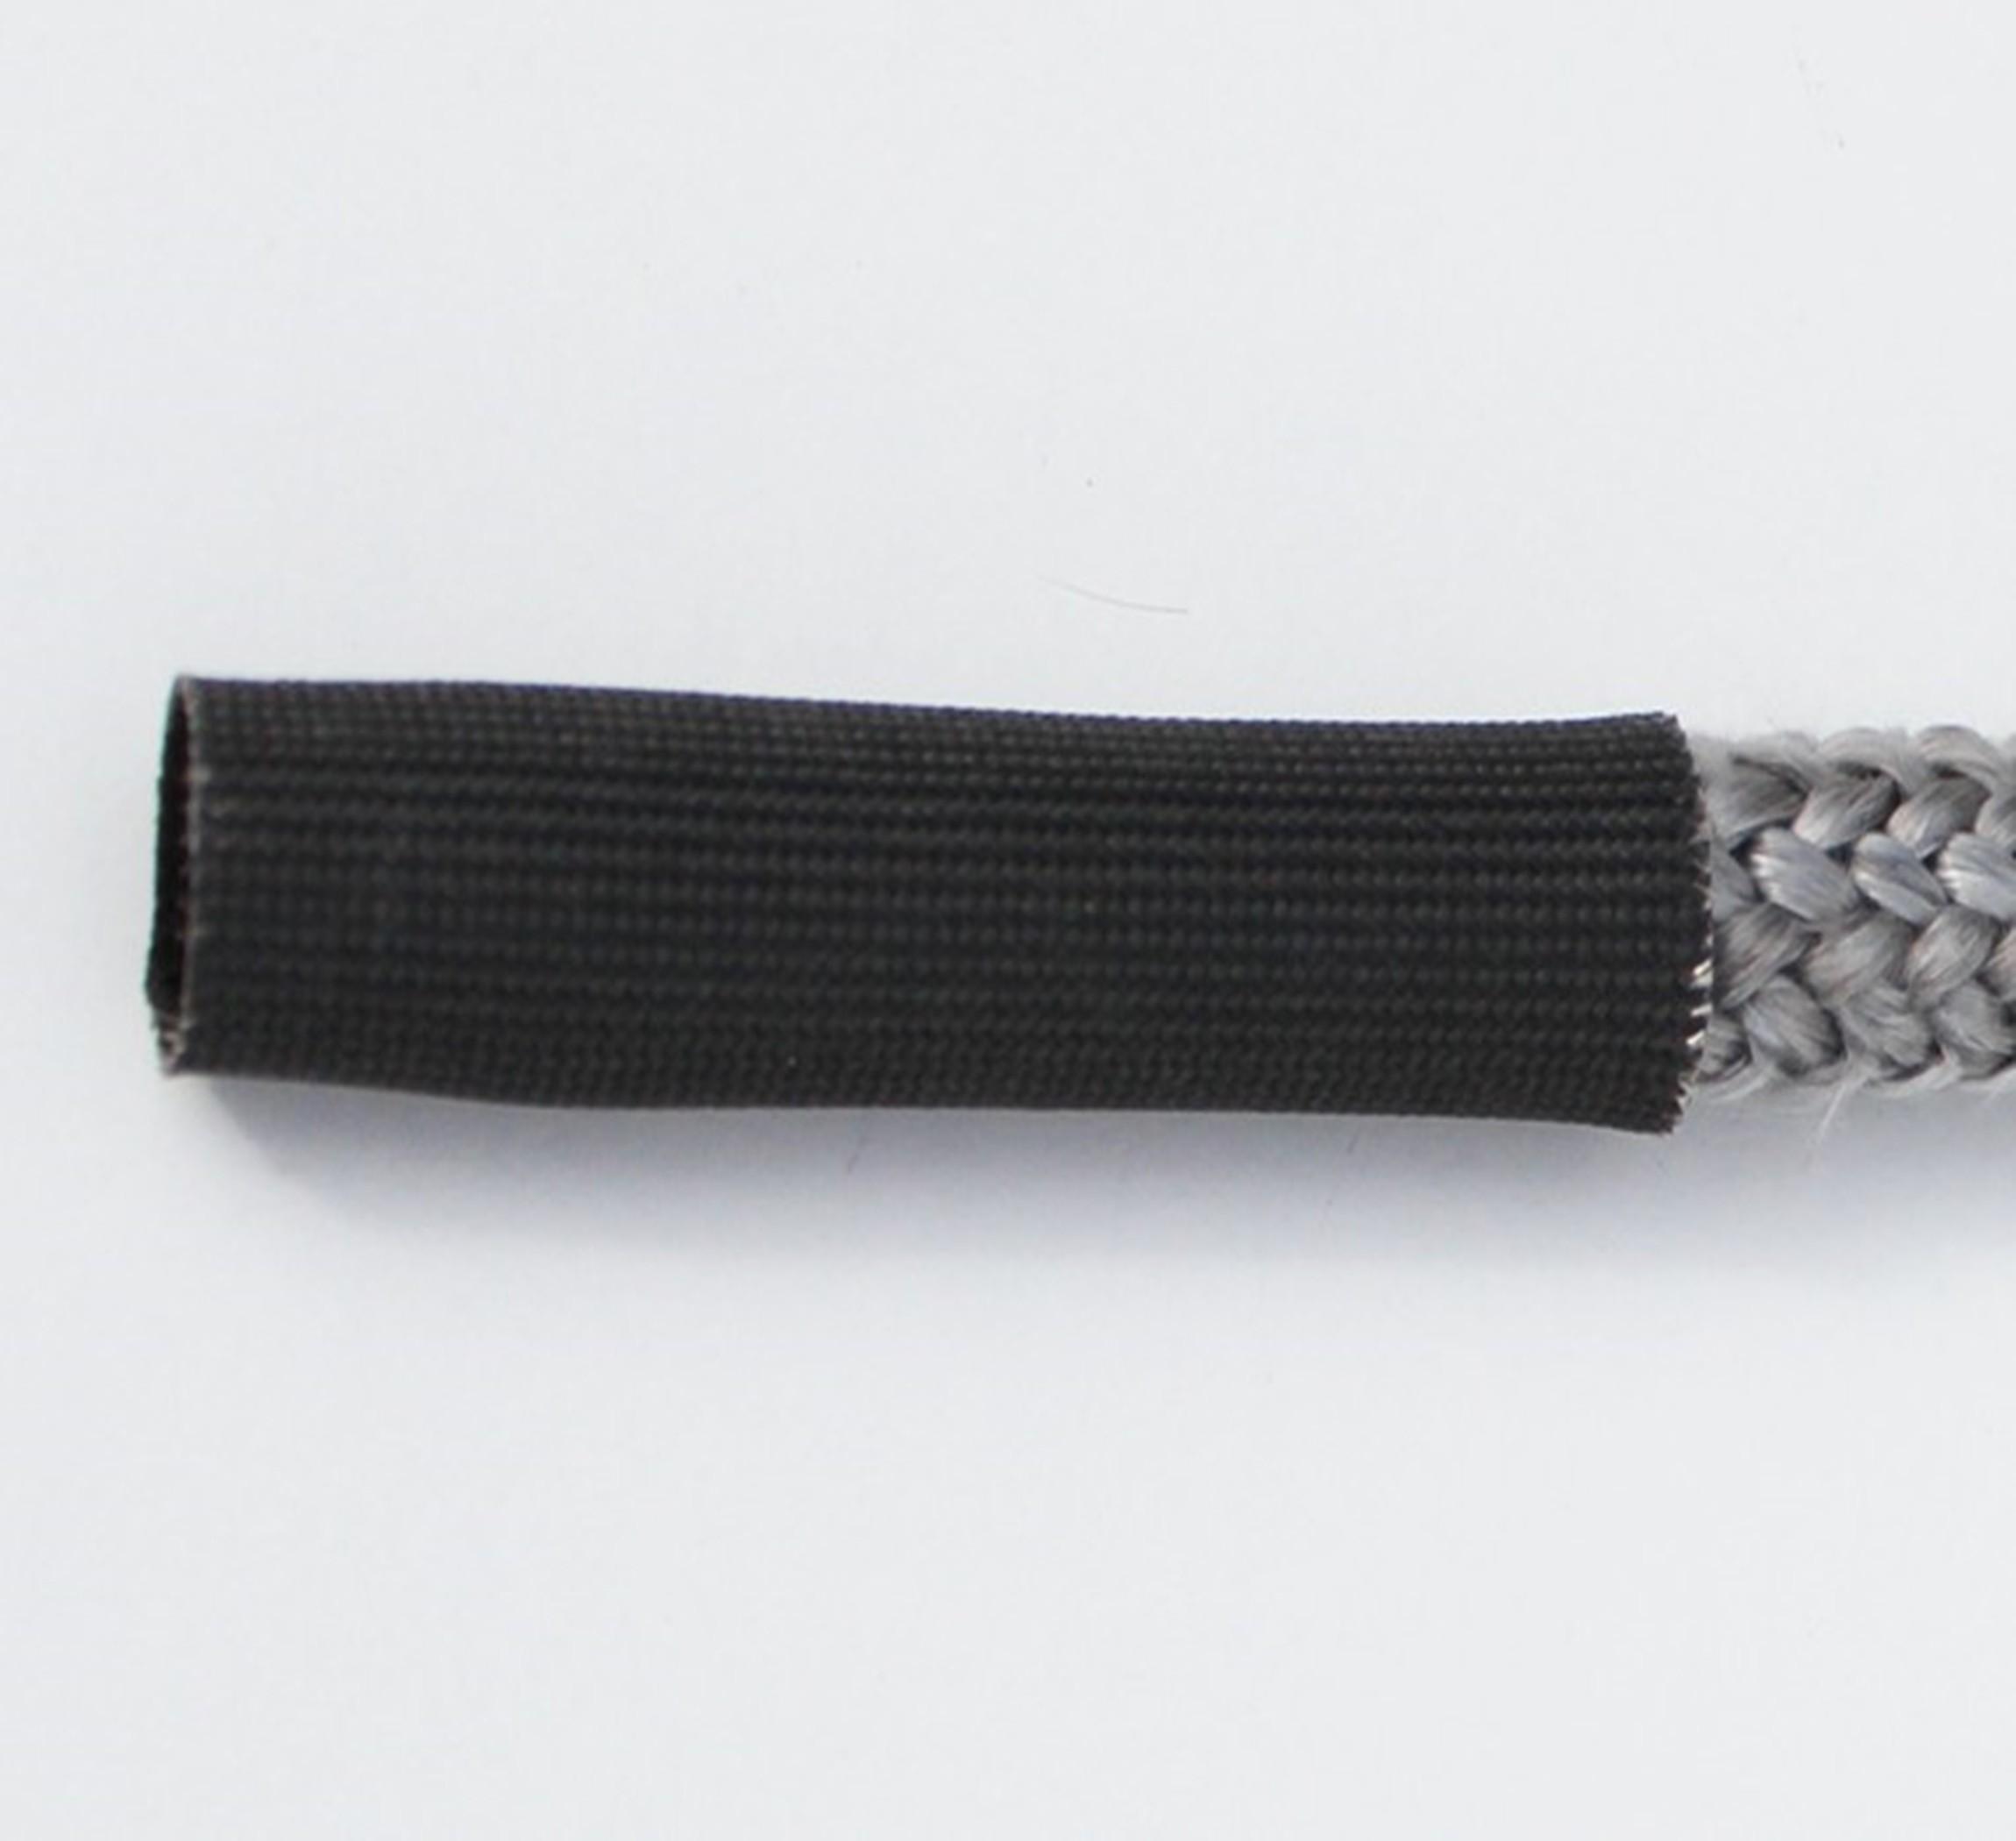 Dichtschnurhülse für alle Ofendichtung, Verbindungshülse für jede Dichtschnur Ø6, 9, 10, 12, 13, 15, 20mm